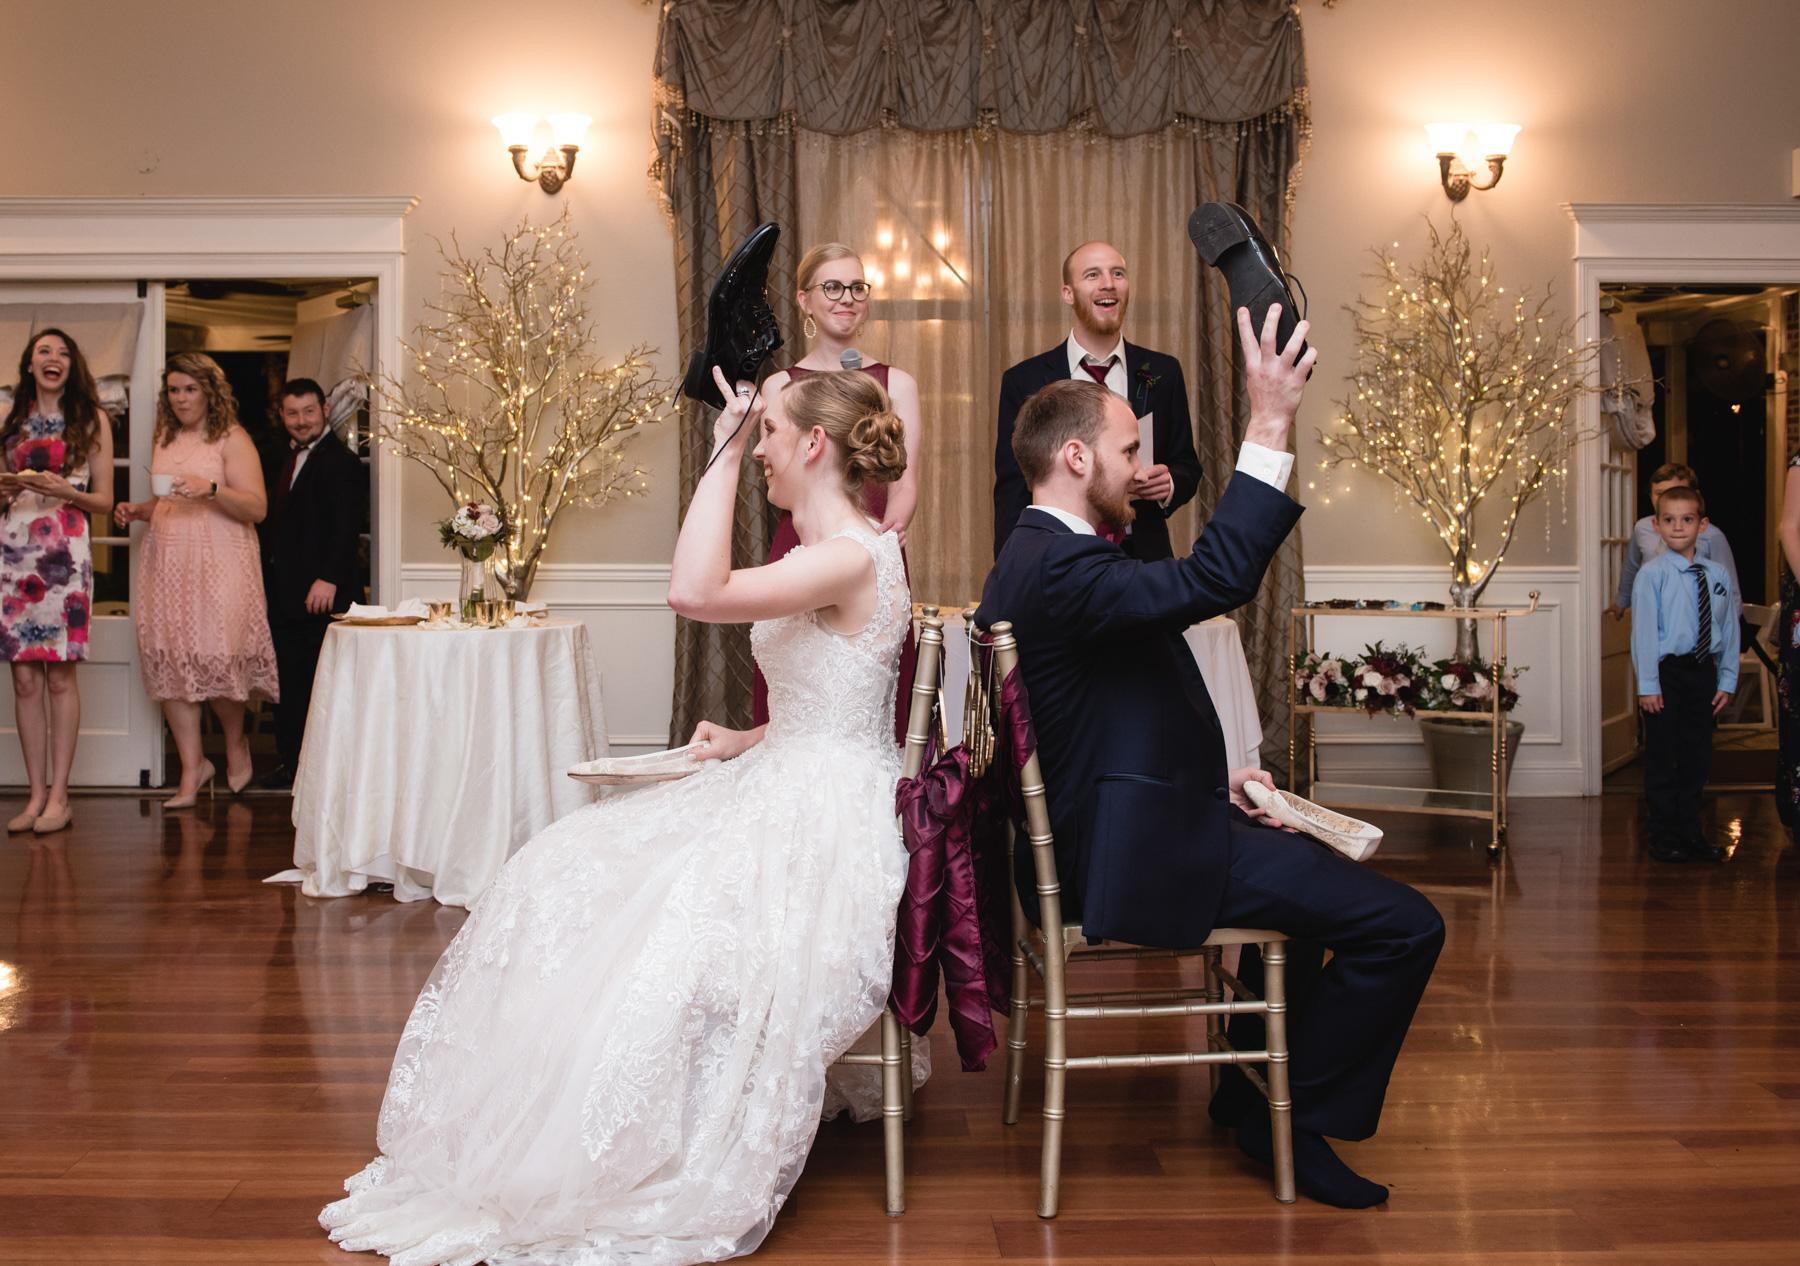 the-gatehouse-wedding-baton-rouge-9910.jpg